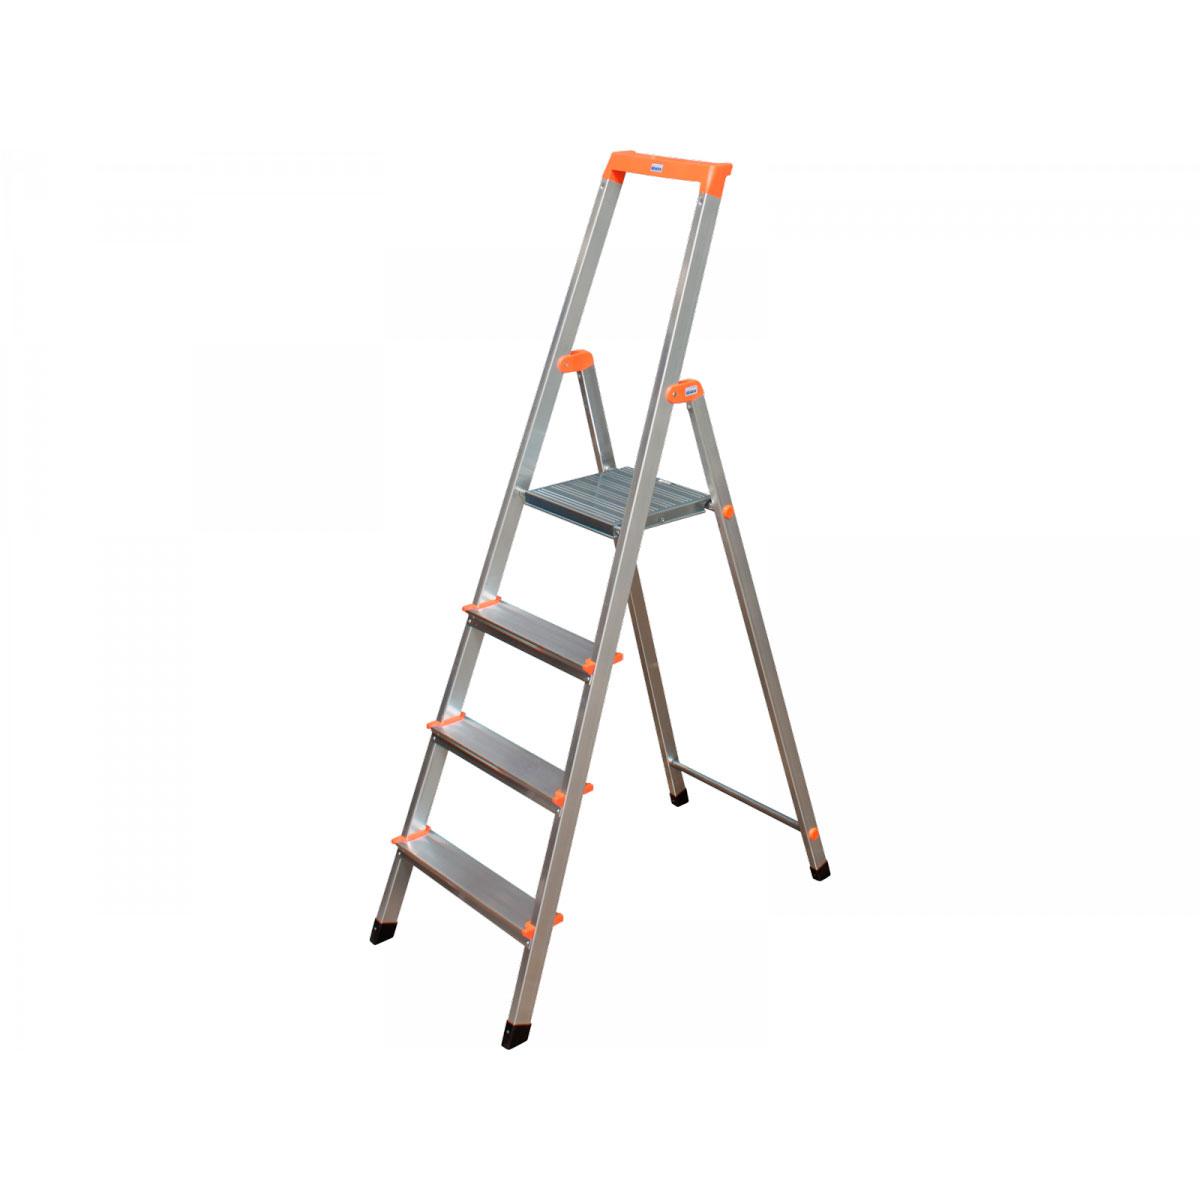 Krause Stufen-Stehleiter Solidy 4 Stufen